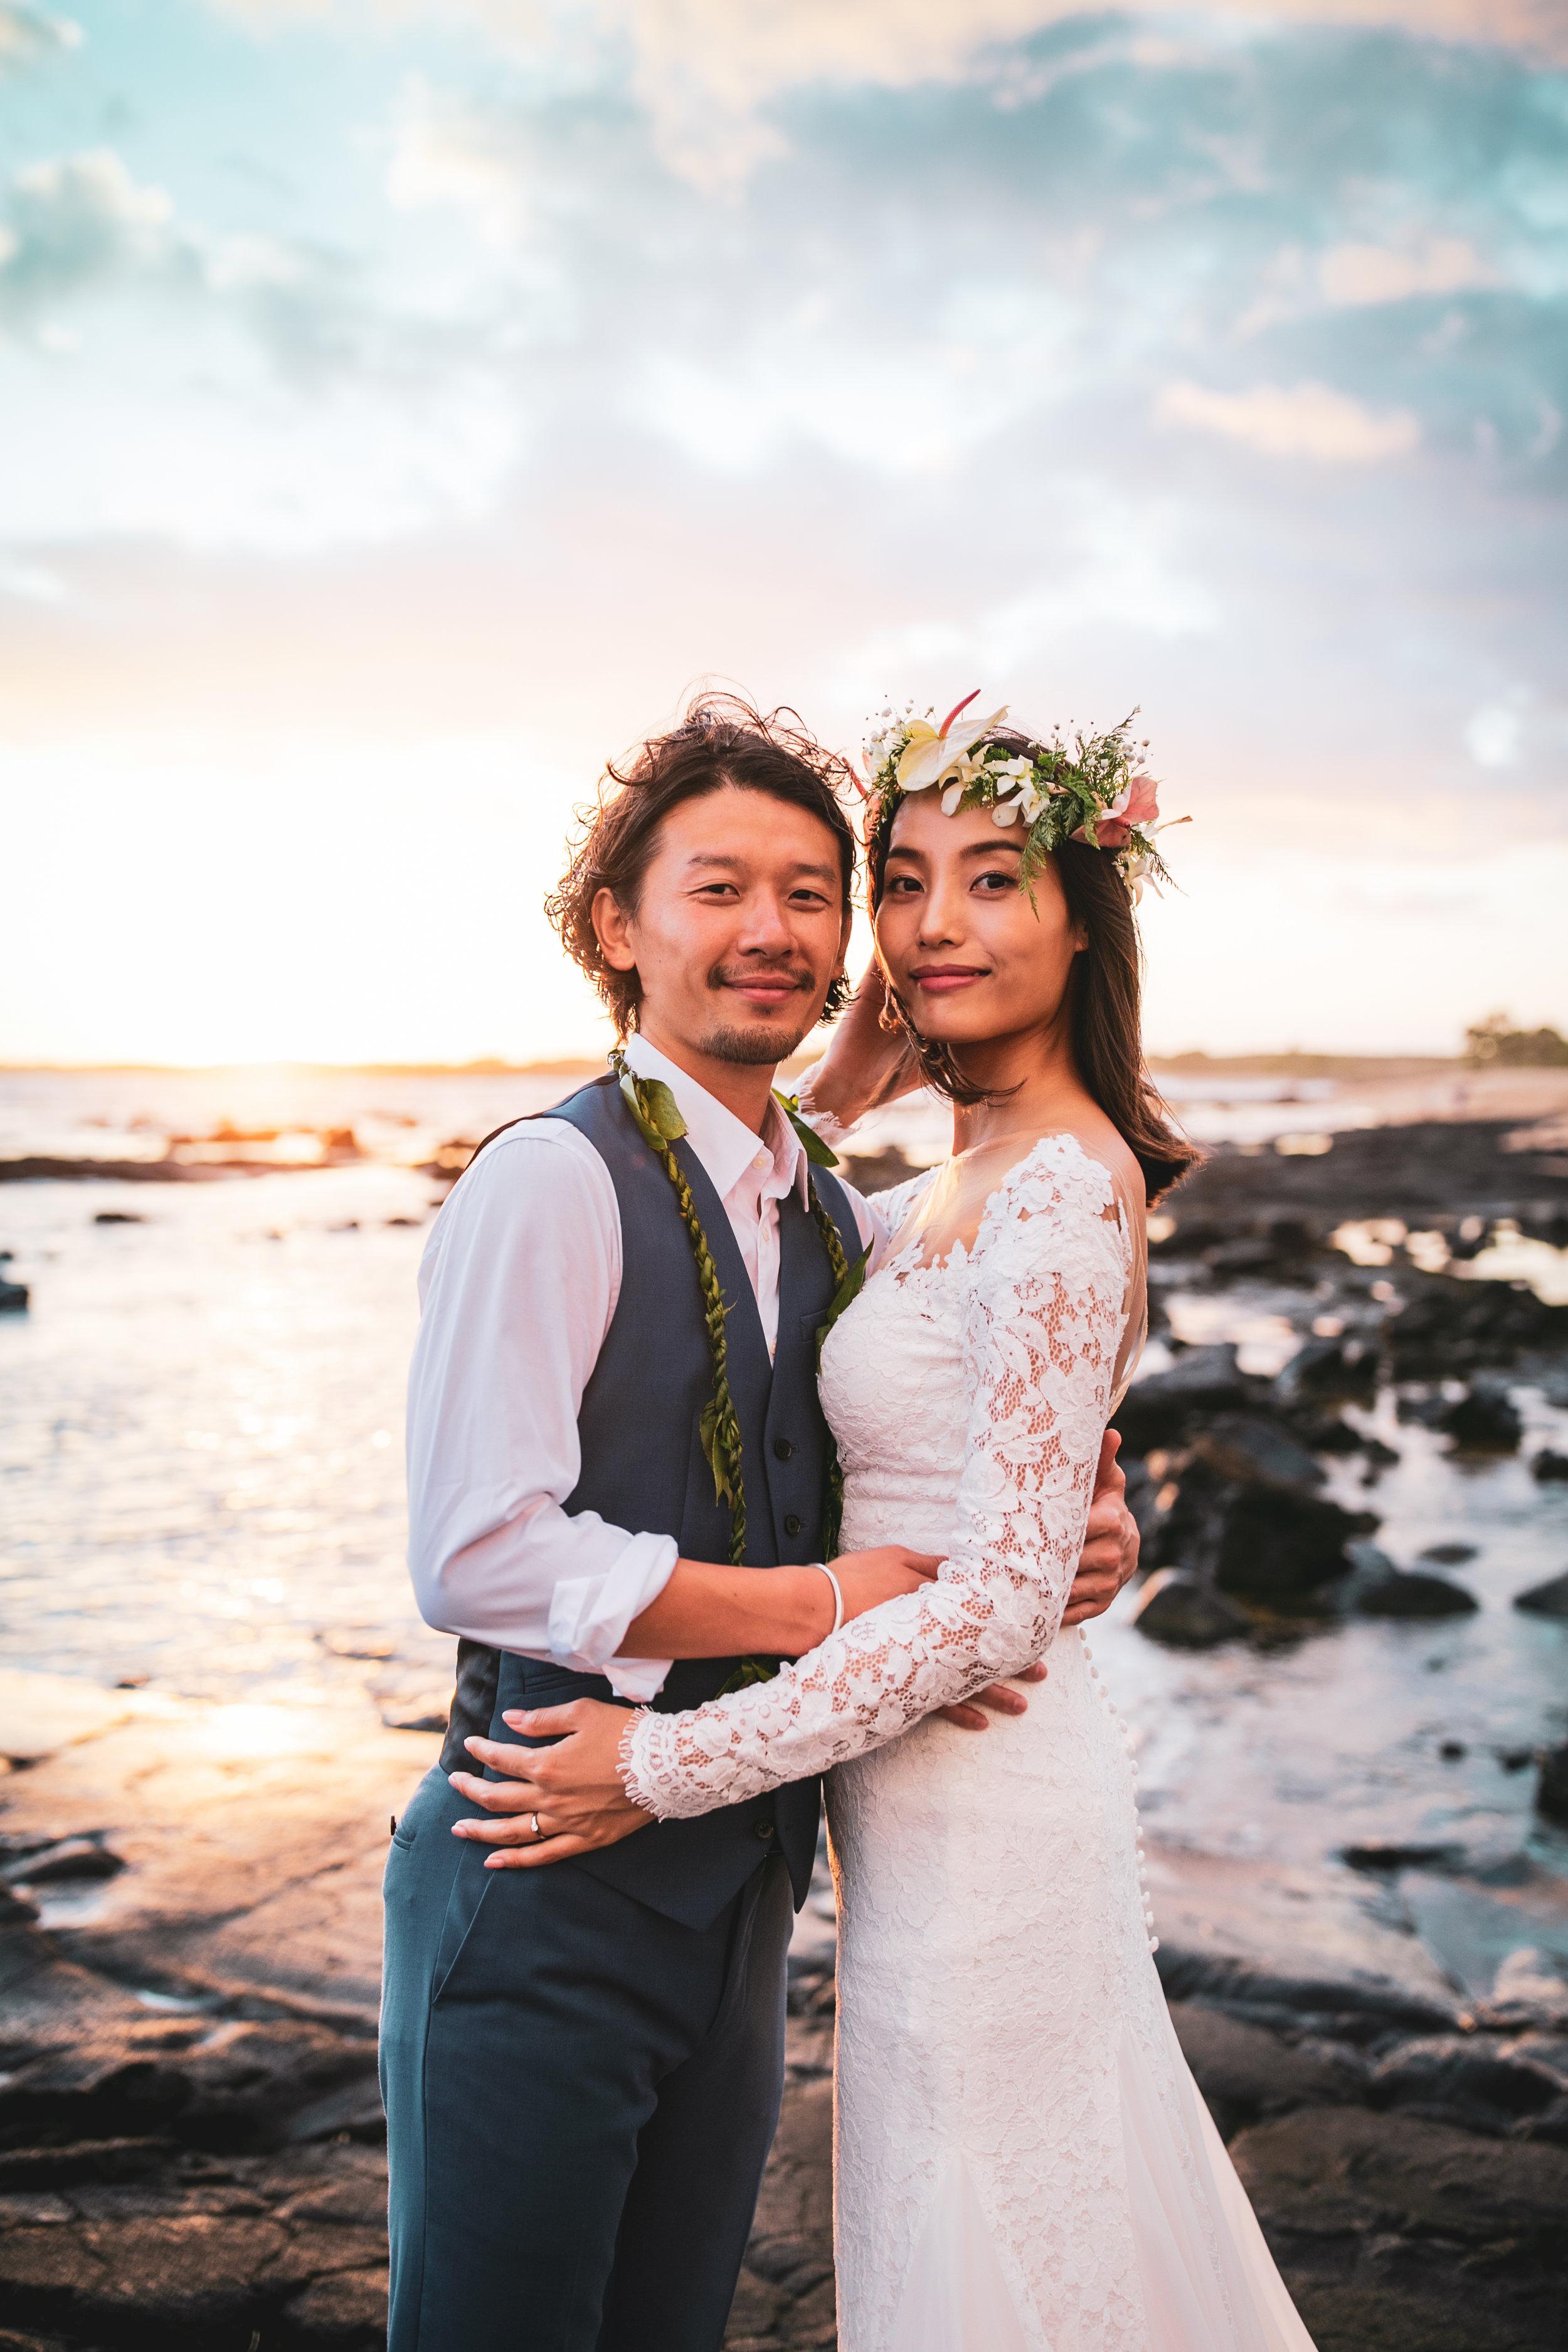 big island hawaii kelilina photography 20190711190045-1.jpg